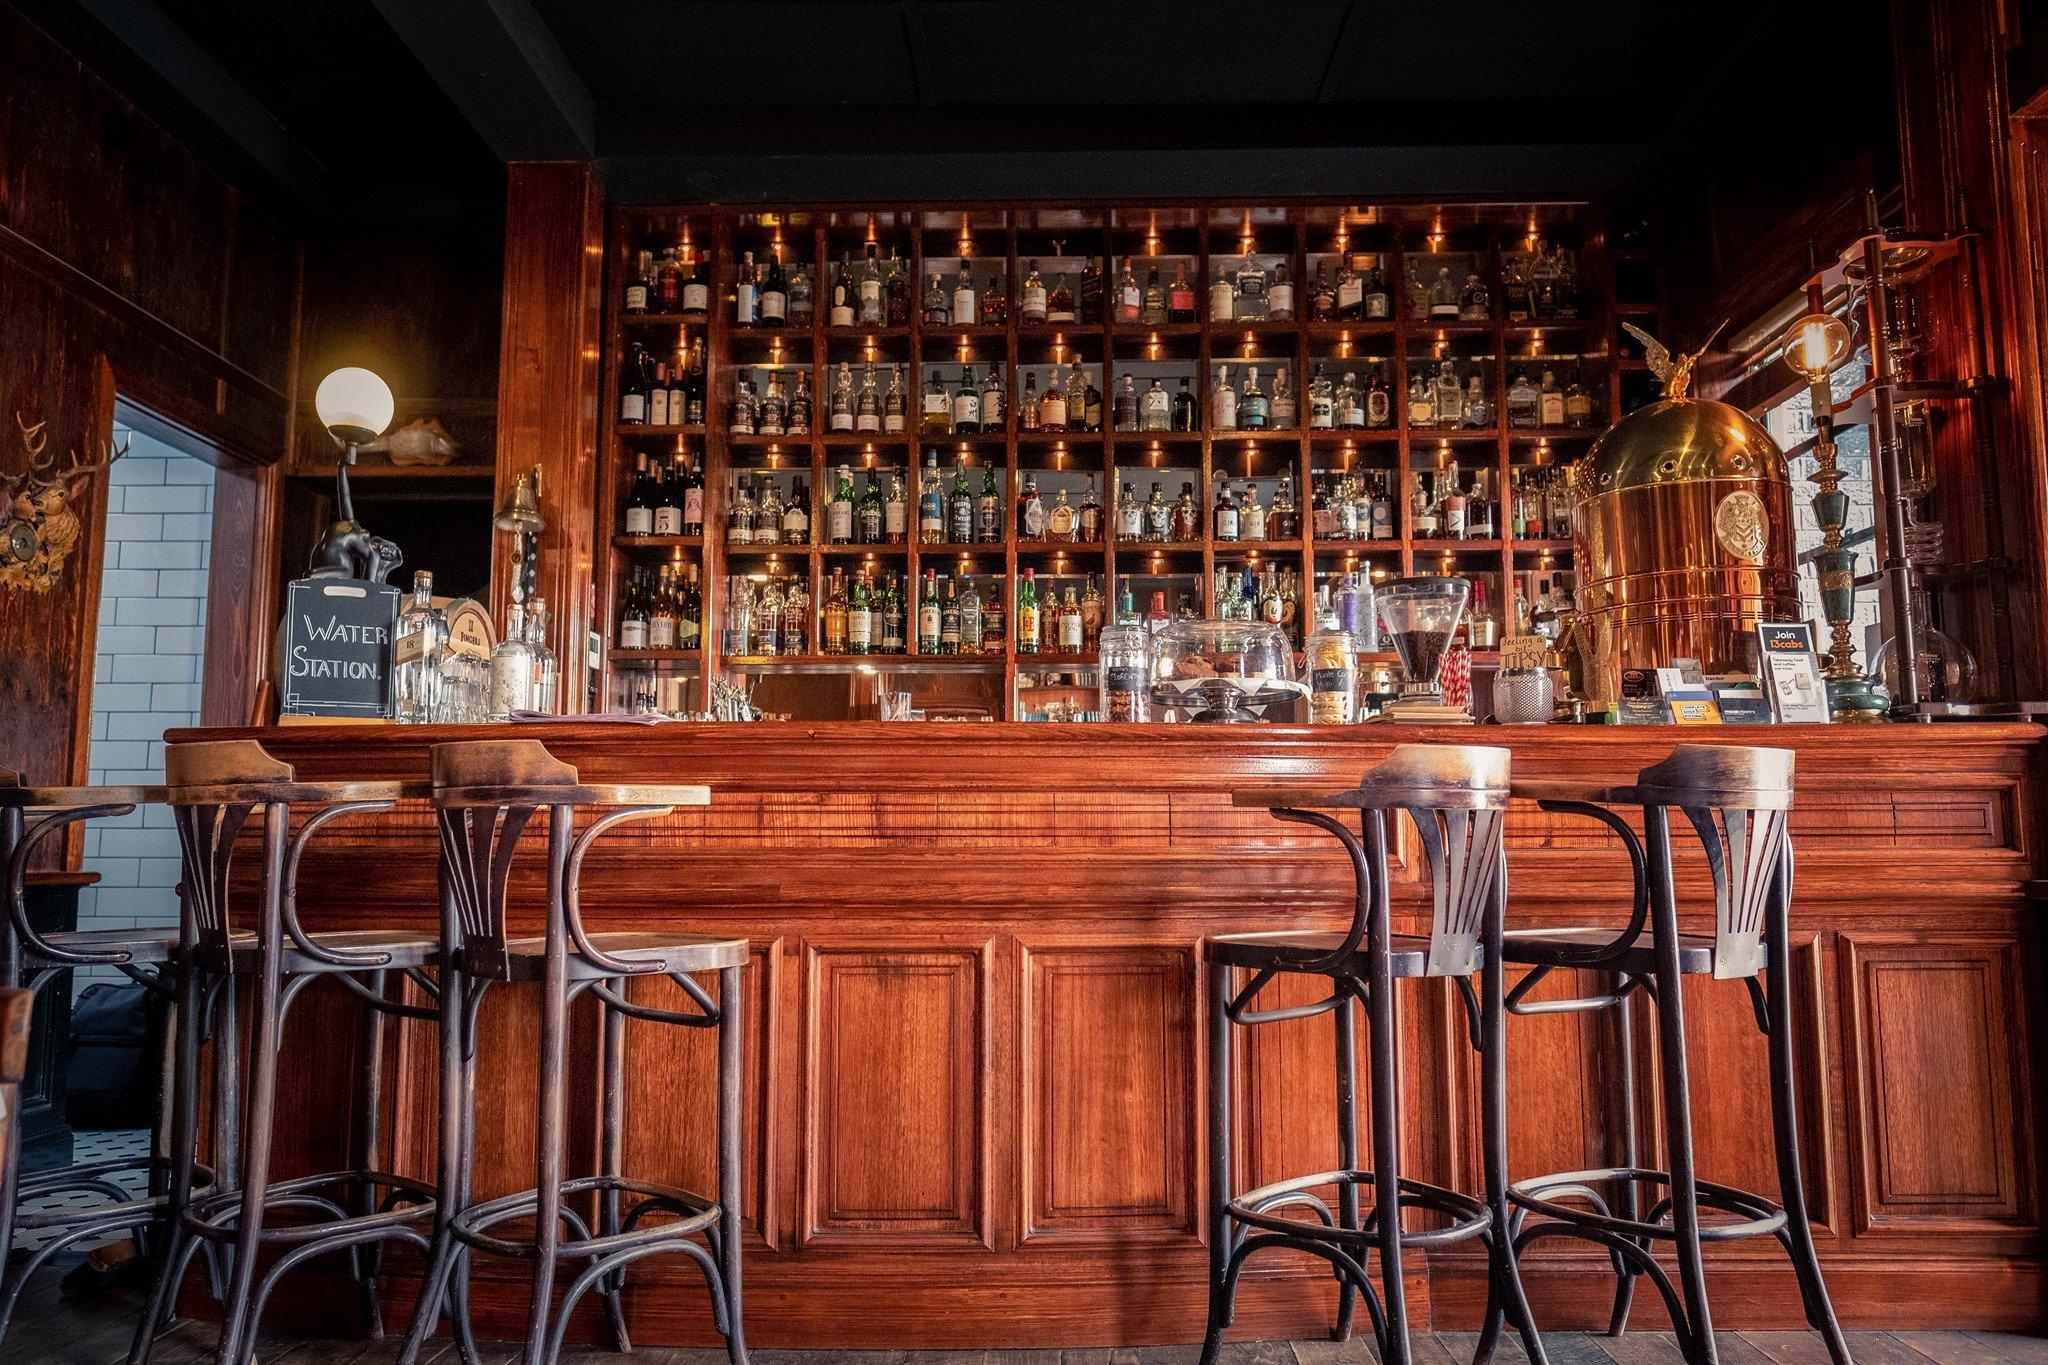 Two Fingers Gentlemen's Bar